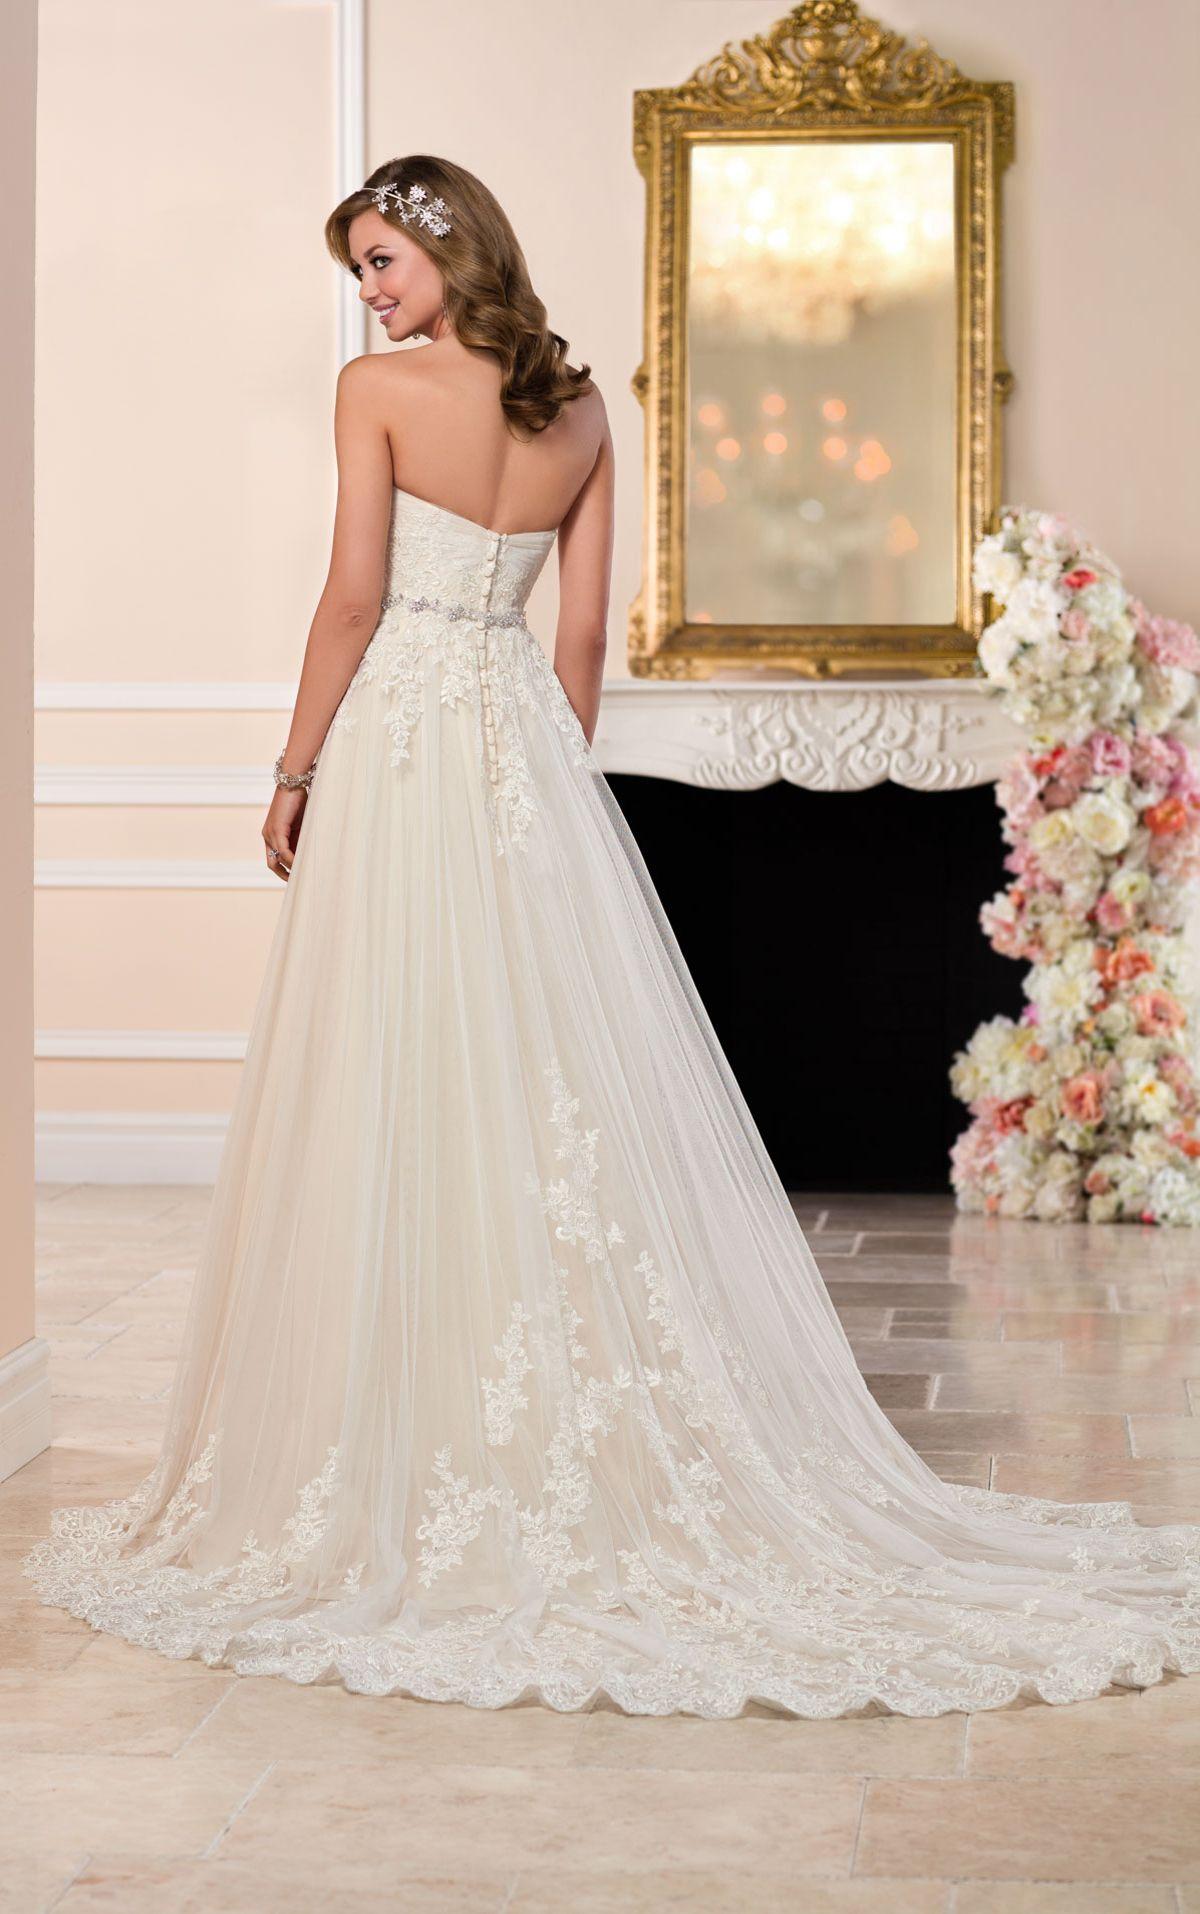 Tulle wedding dress with sweetheart neckline stella york stella